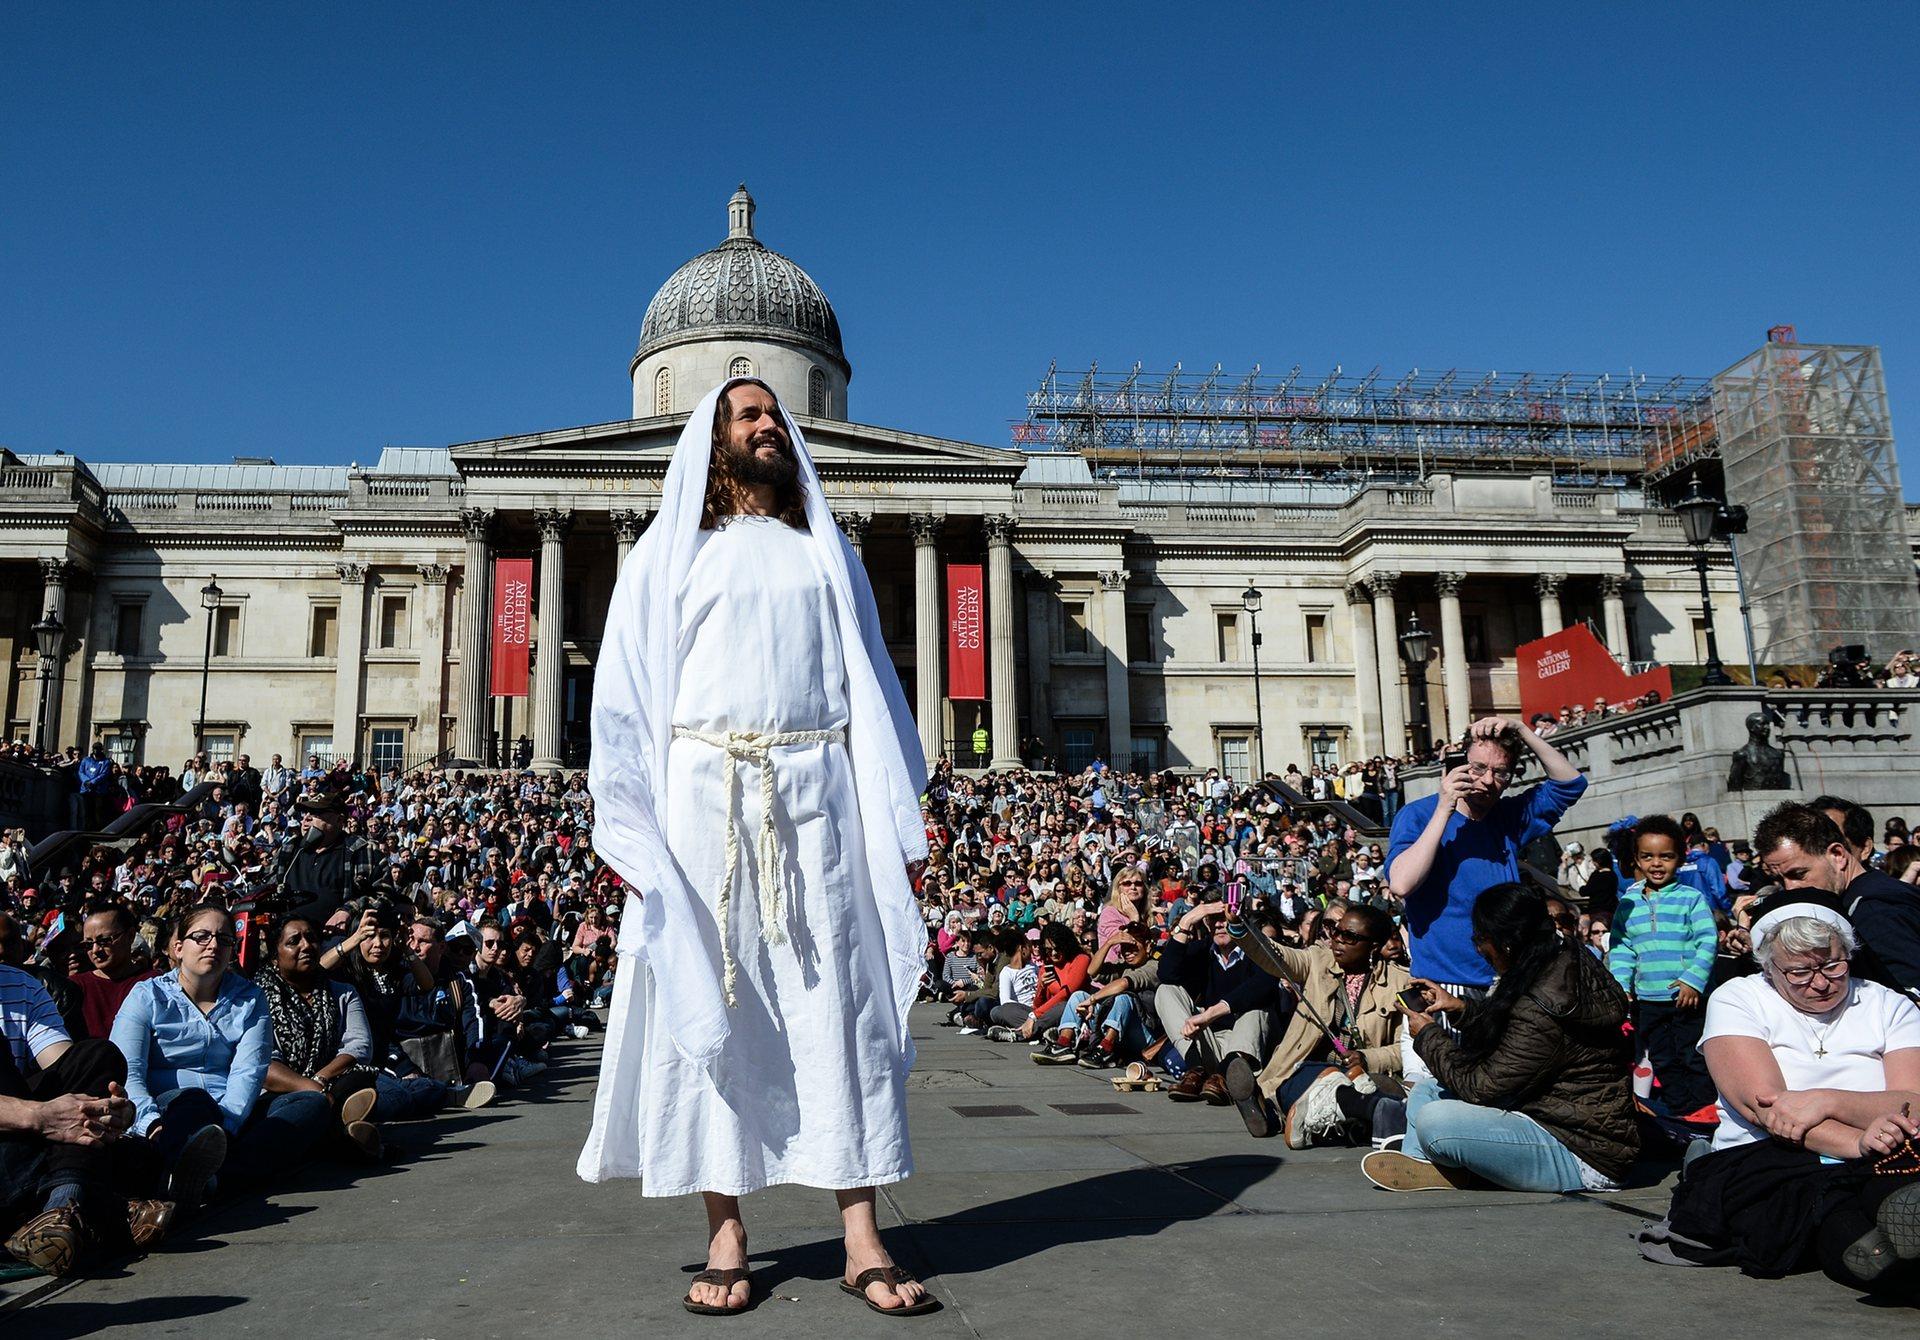 Лондон, Обединеното кралство Актьорът Джеймс Бърк-Дънсмор играе Исус в изпълнение на открито на Страстите на Исус на площад Трафалгар Снимка: Крис Ratcliffe / Getty Images